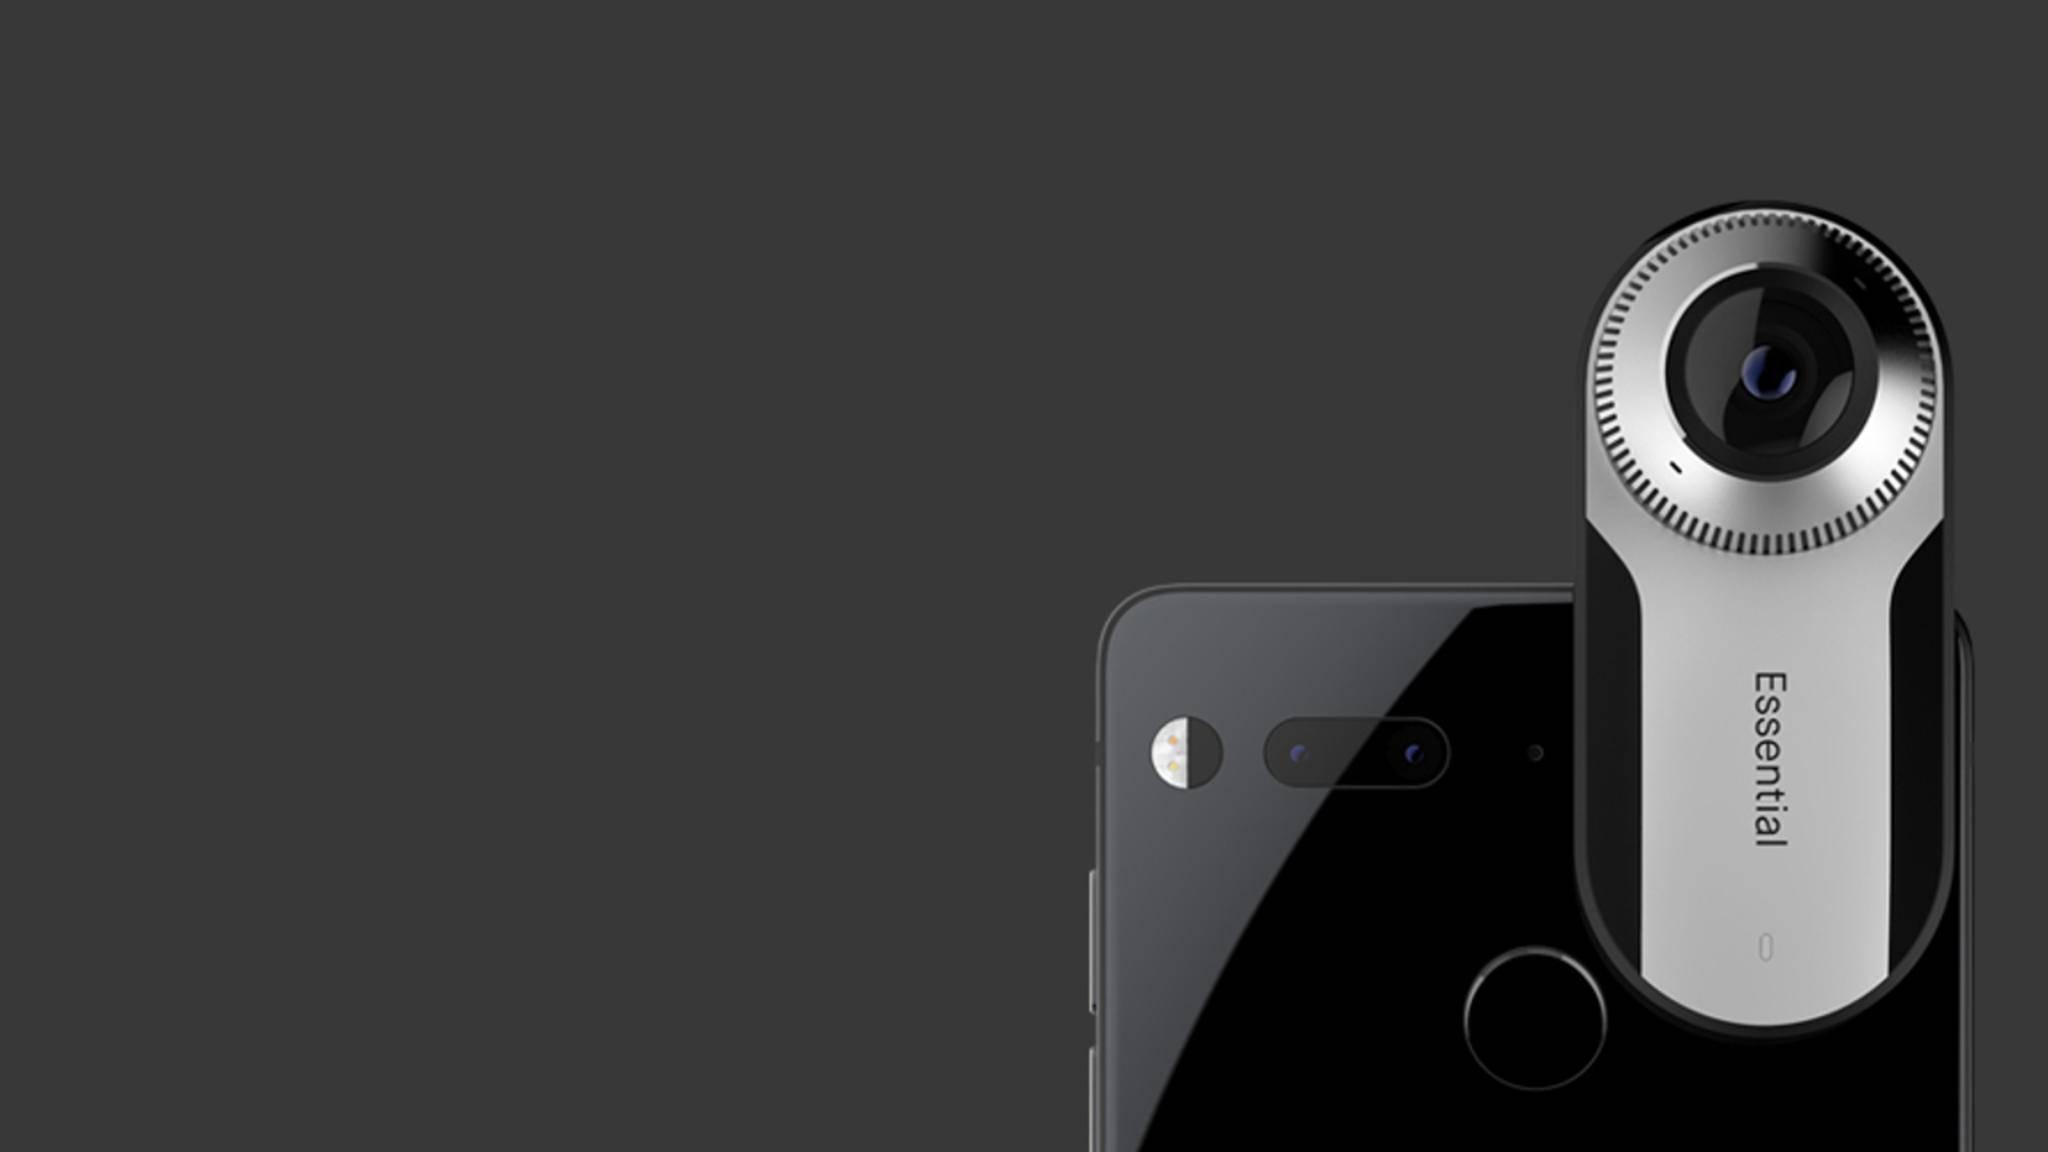 Das Essential Phone kann mit einer 360-Grad-Kamera versehen werden.